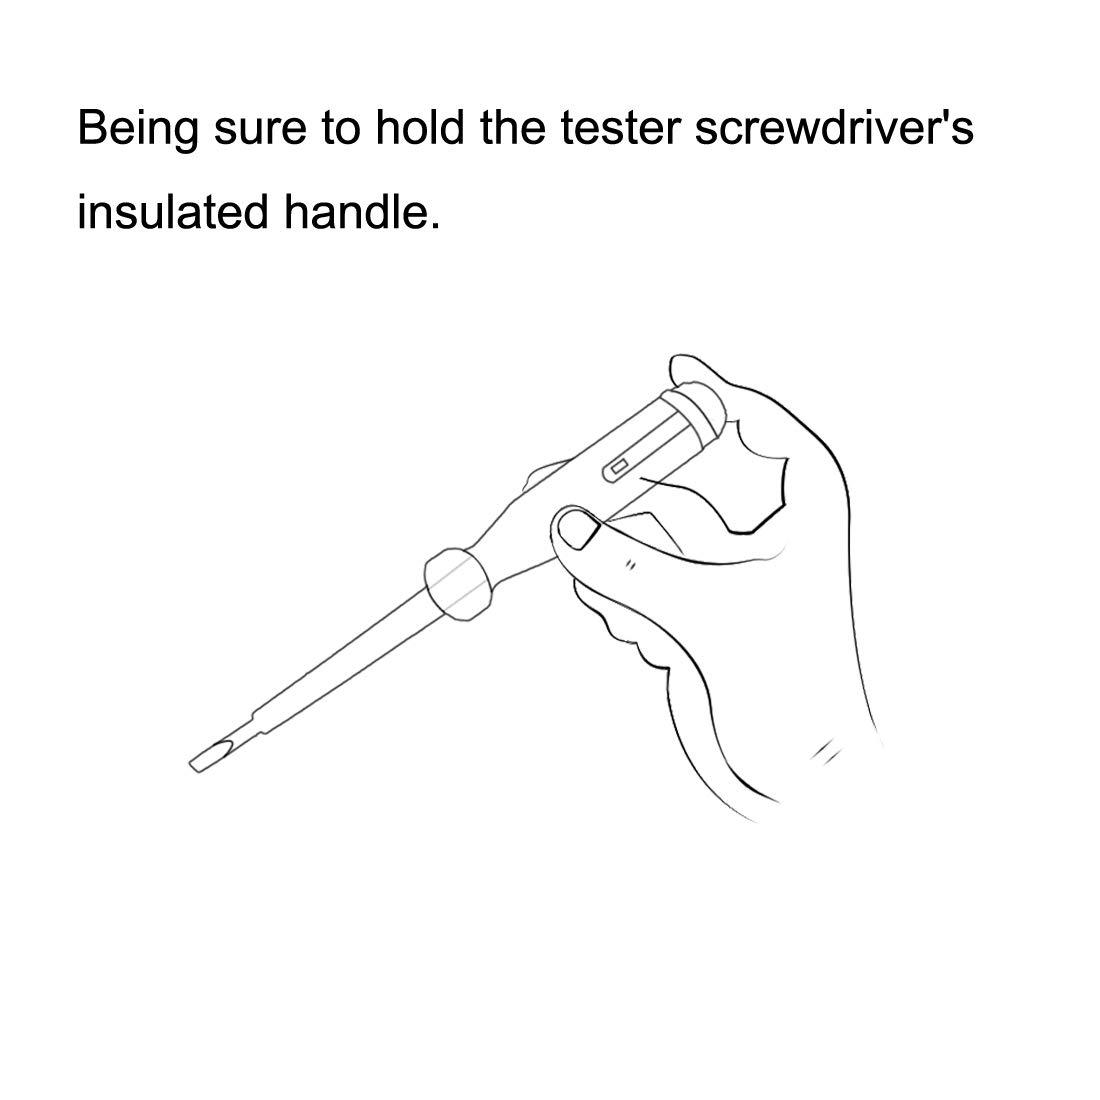 3mm Slot Voltage Tester Pen Screwdriver AC 100-500V 4pcs sourcing map Circuit Tester